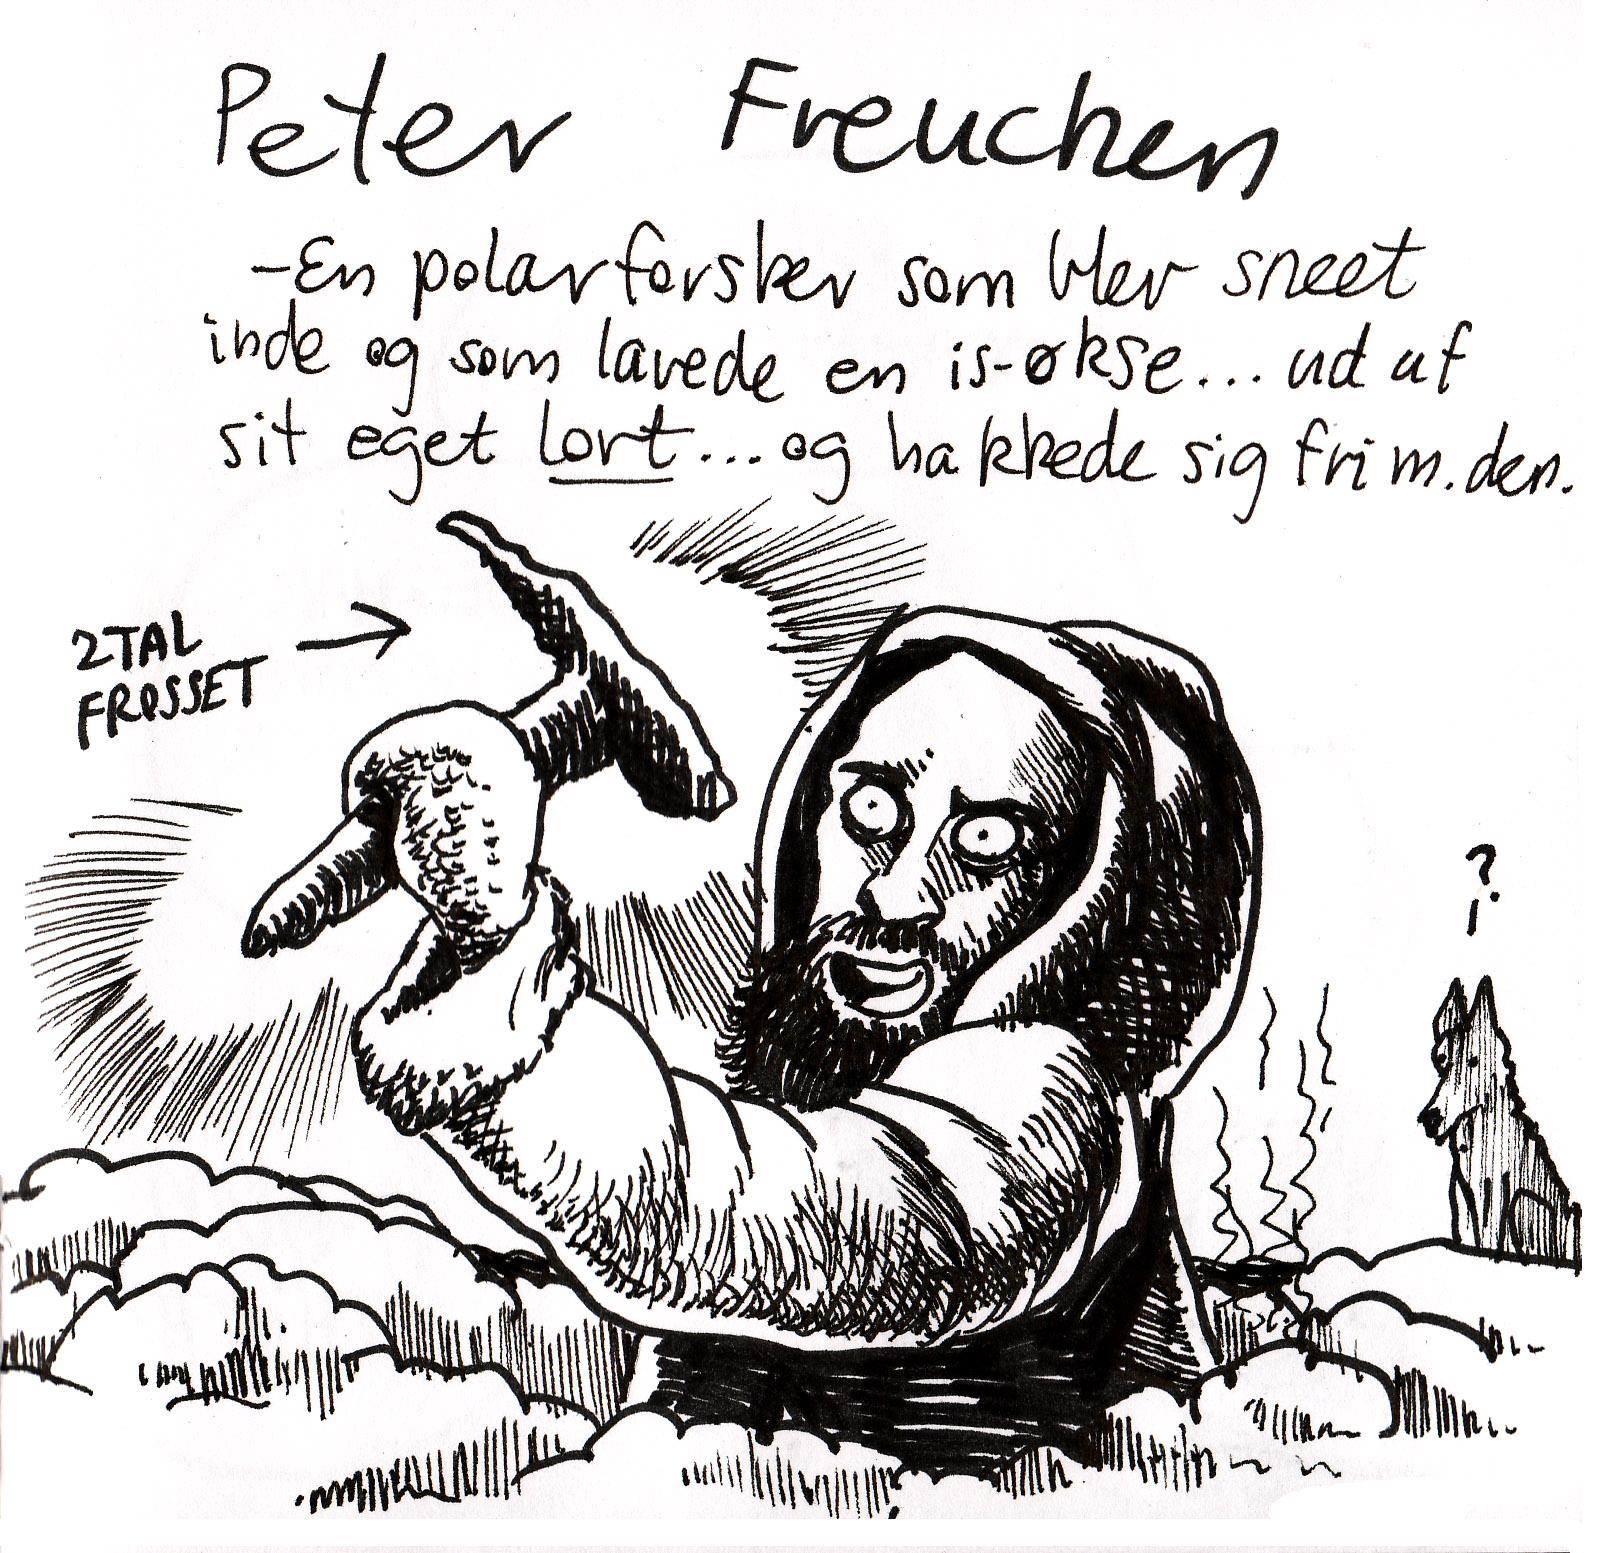 Peter-Freuchen